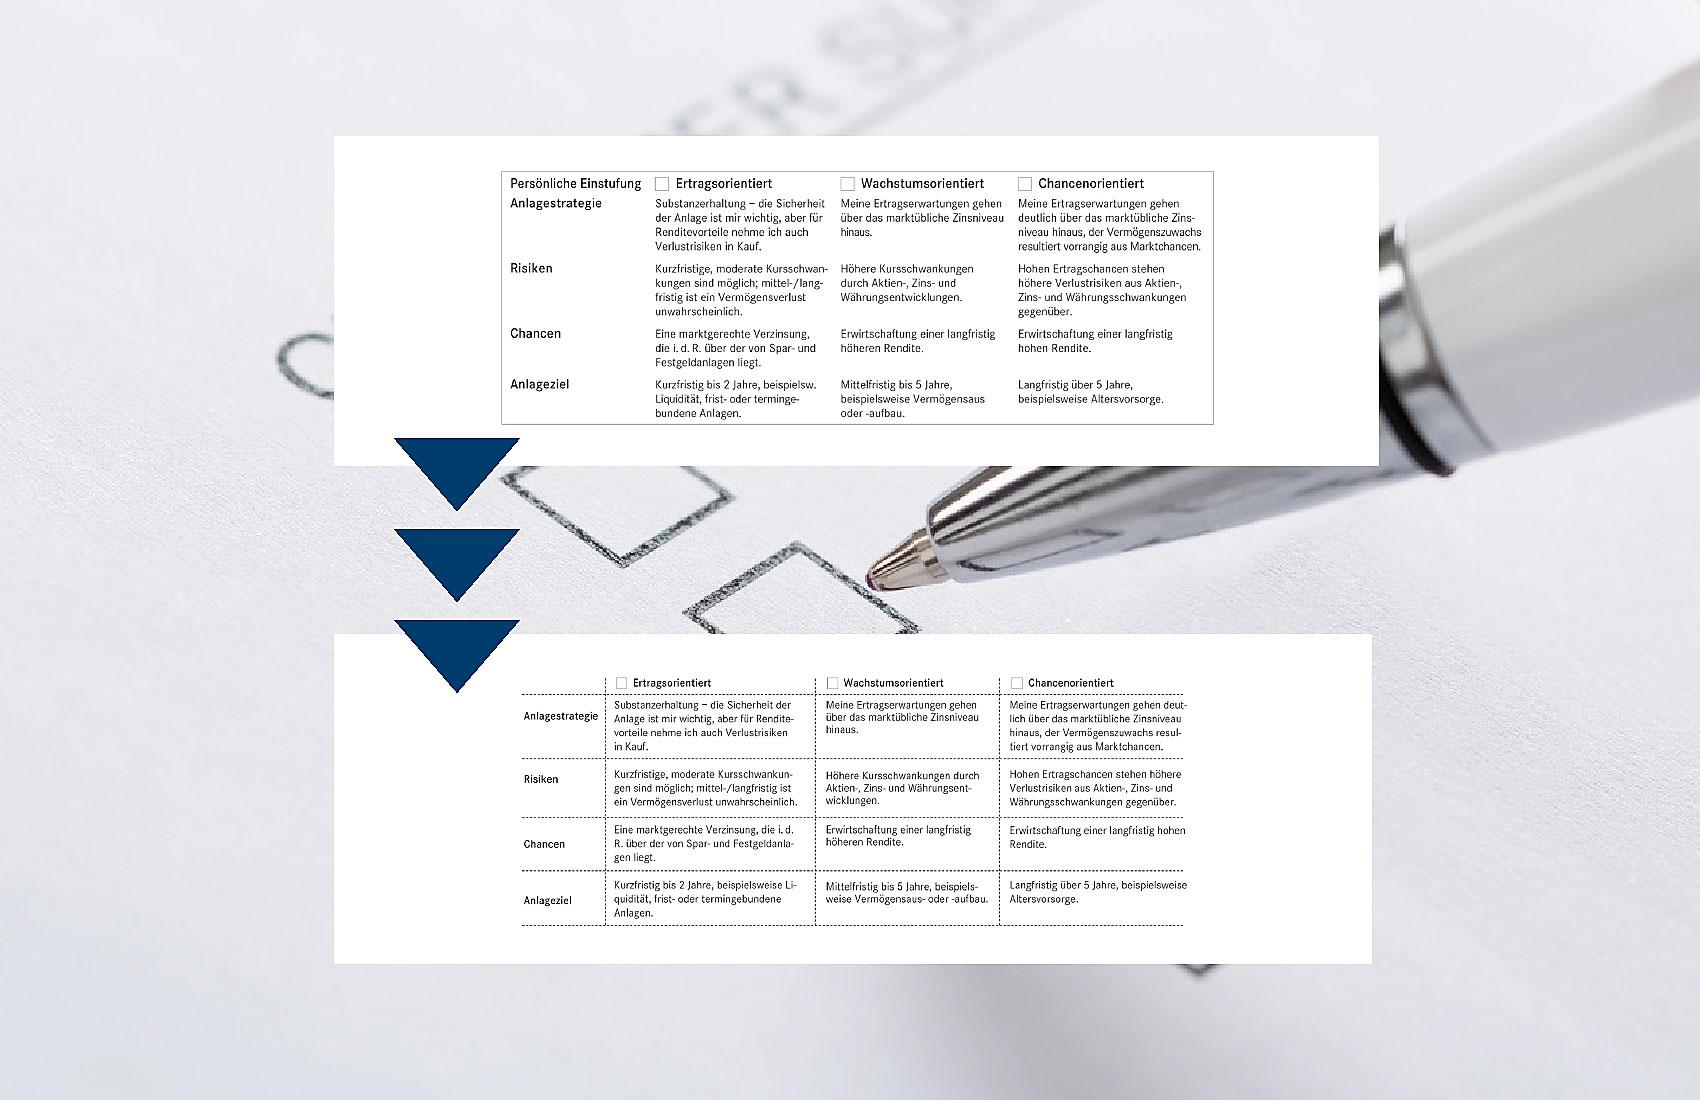 Kleine Texte in mehreren Spalten wurde mit Linien tabellenartig unterteilt. Hierdurch wurde die Lesbarkeit verbessert.